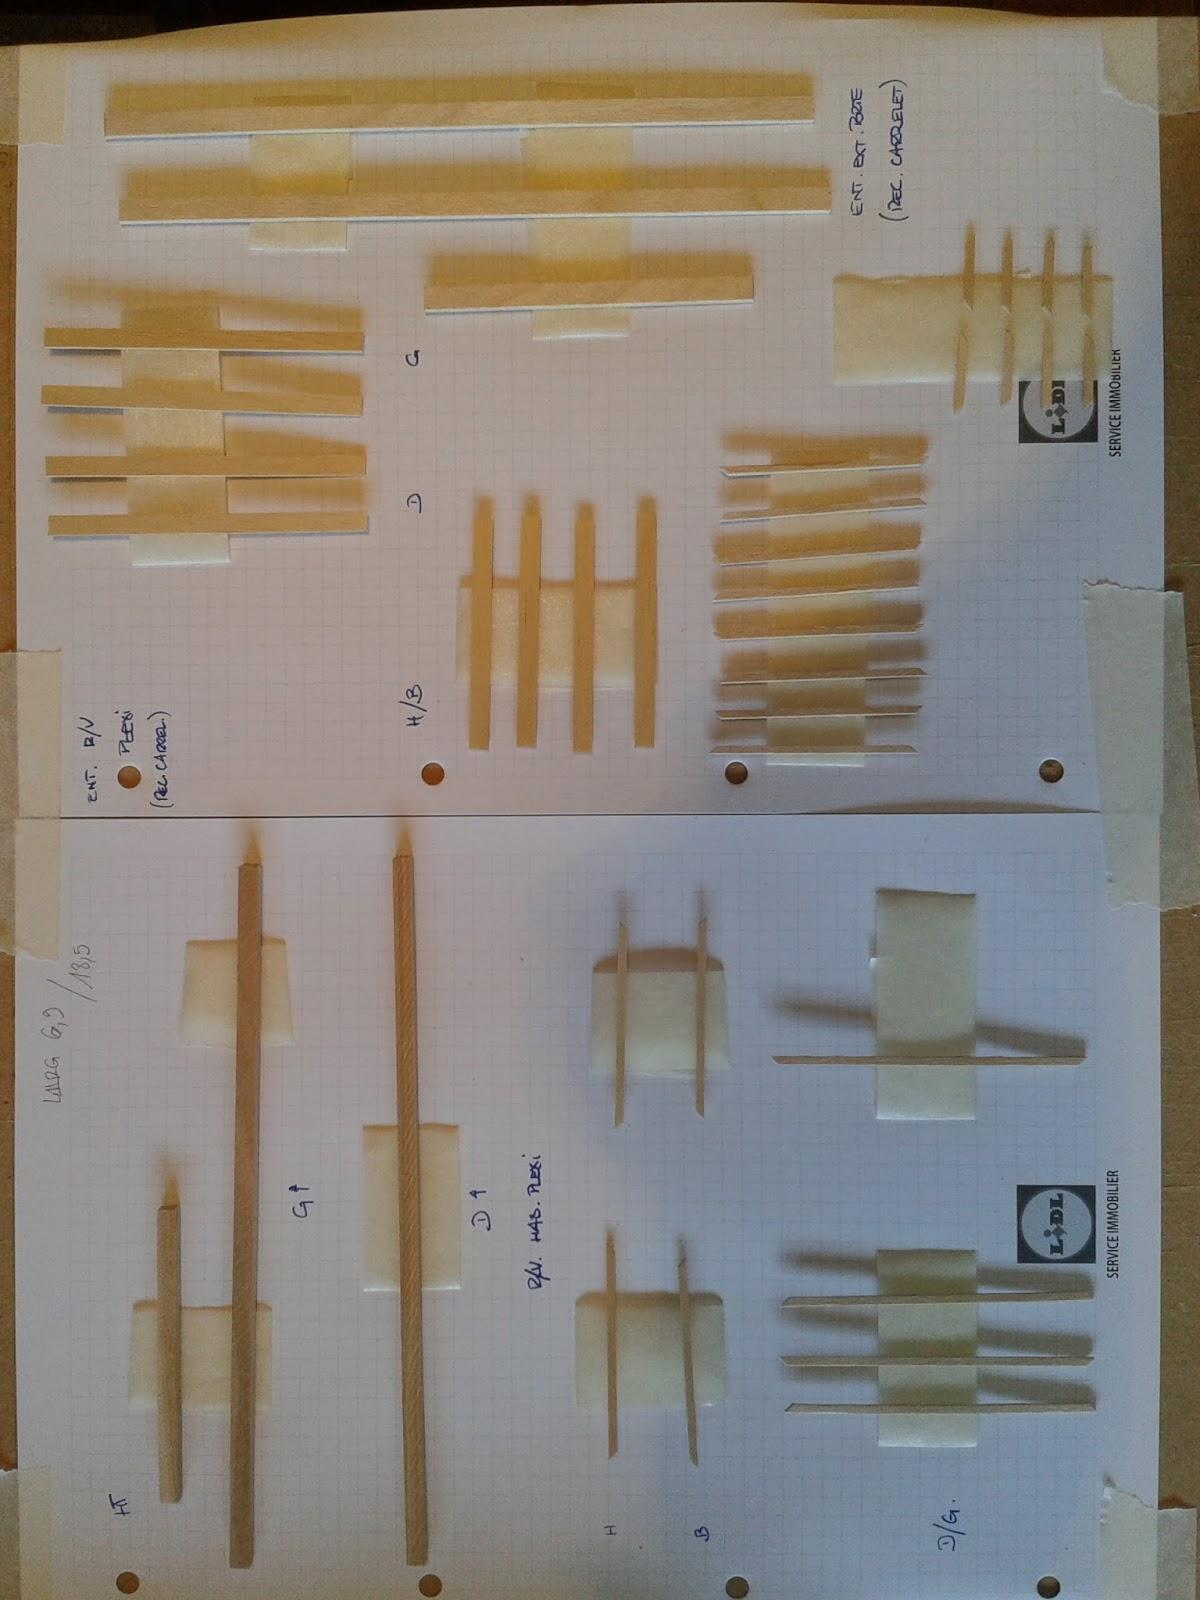 9 découpe baguettes de 1x5 mm pour recouvrement de lencadrement intérieur en plexi 10 découpe baguettes de 2x6 mm pour lencadrement extérieur de la